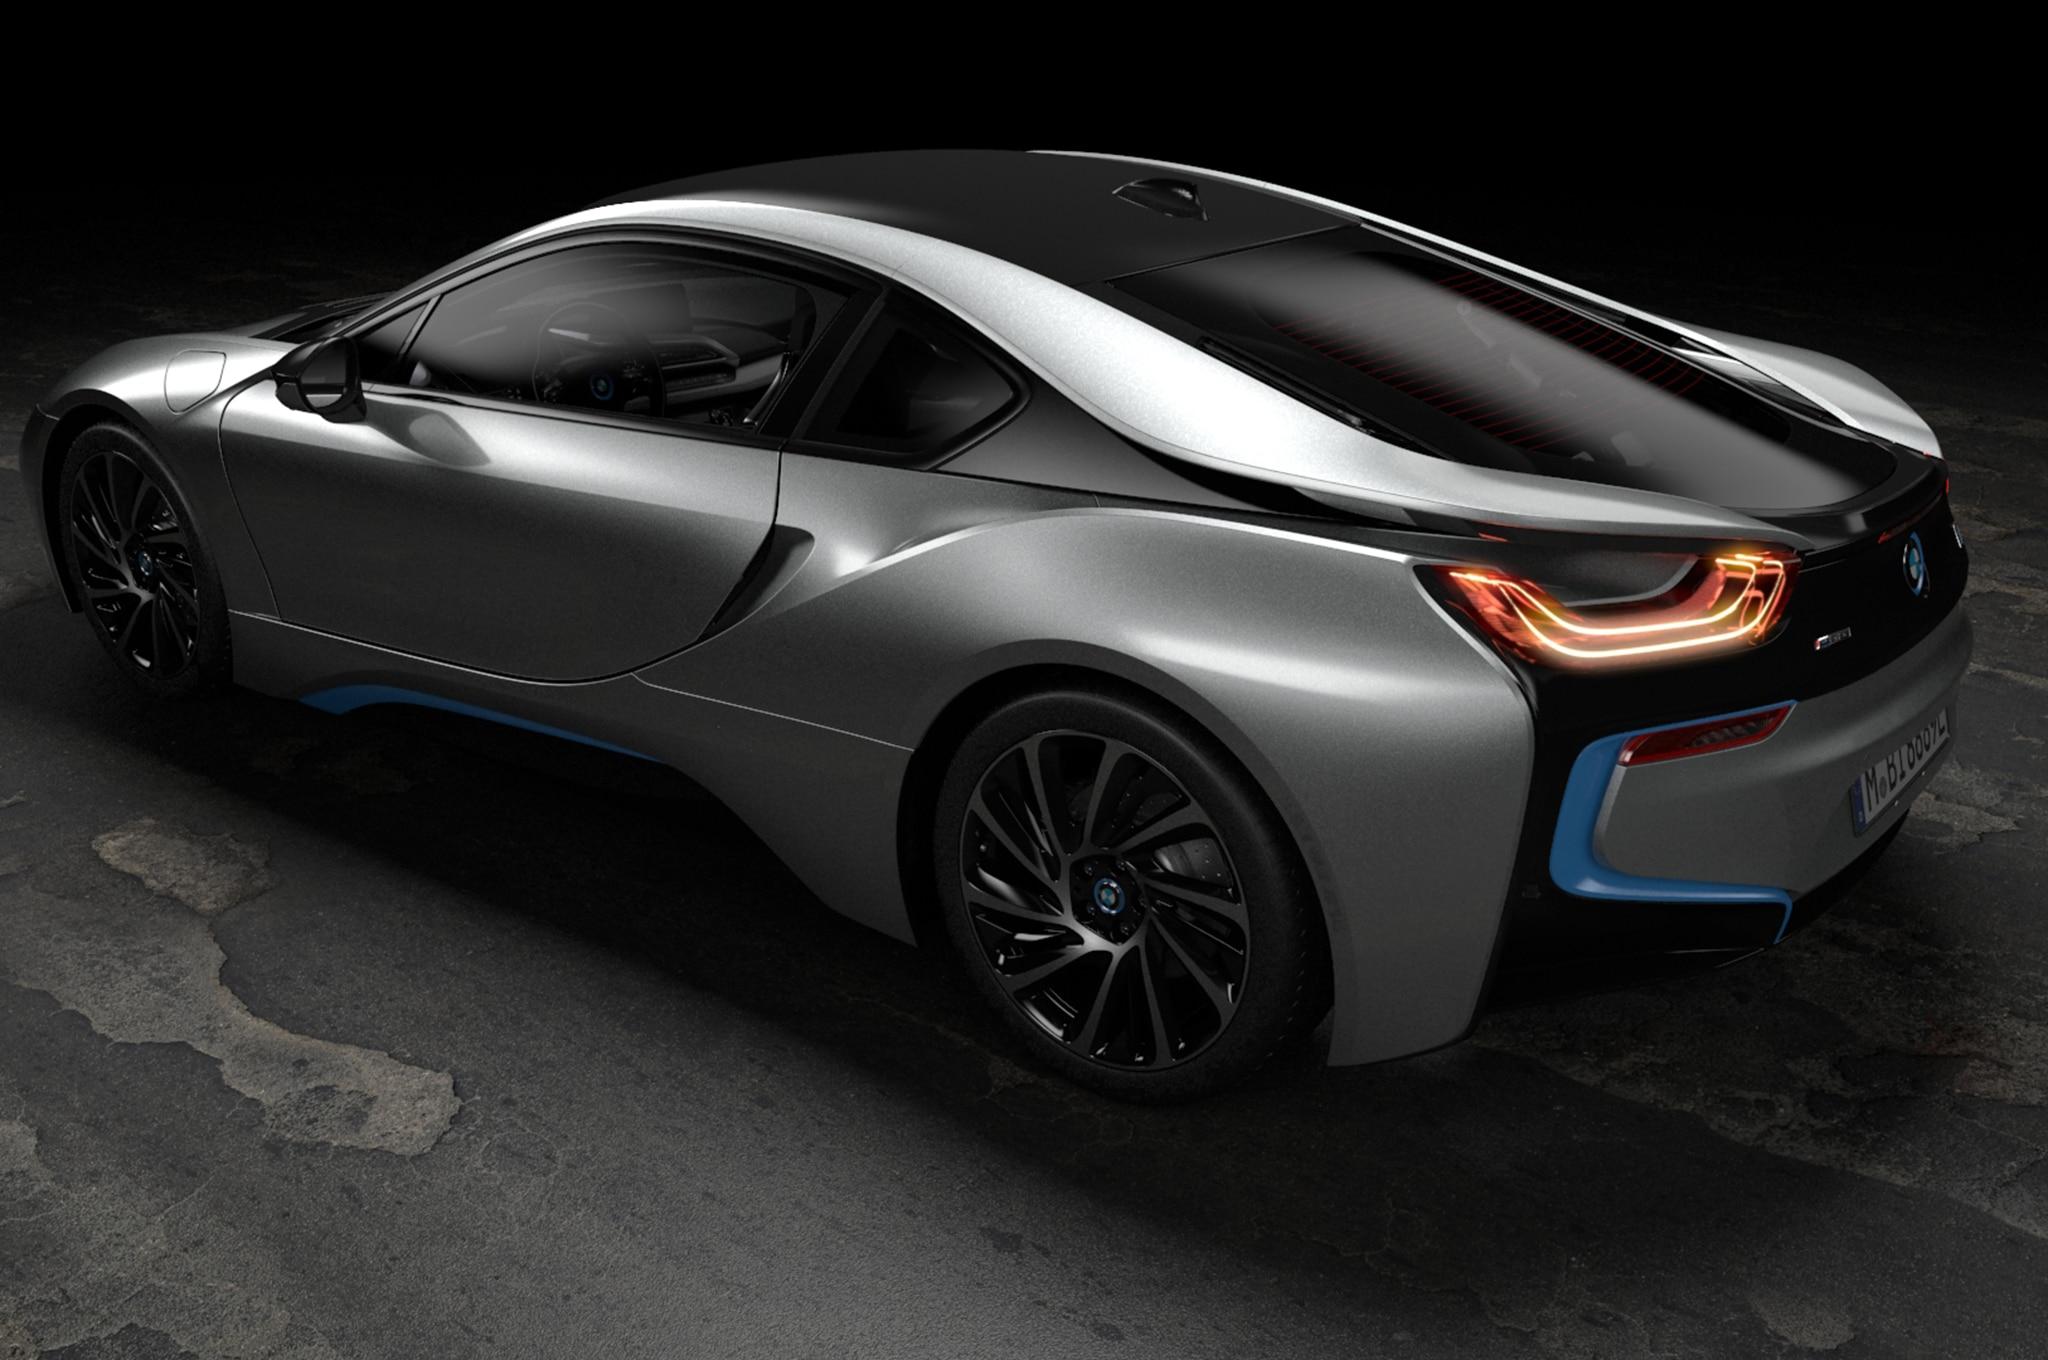 2019 BMW I8 Coupe Rear Three Quarter 01